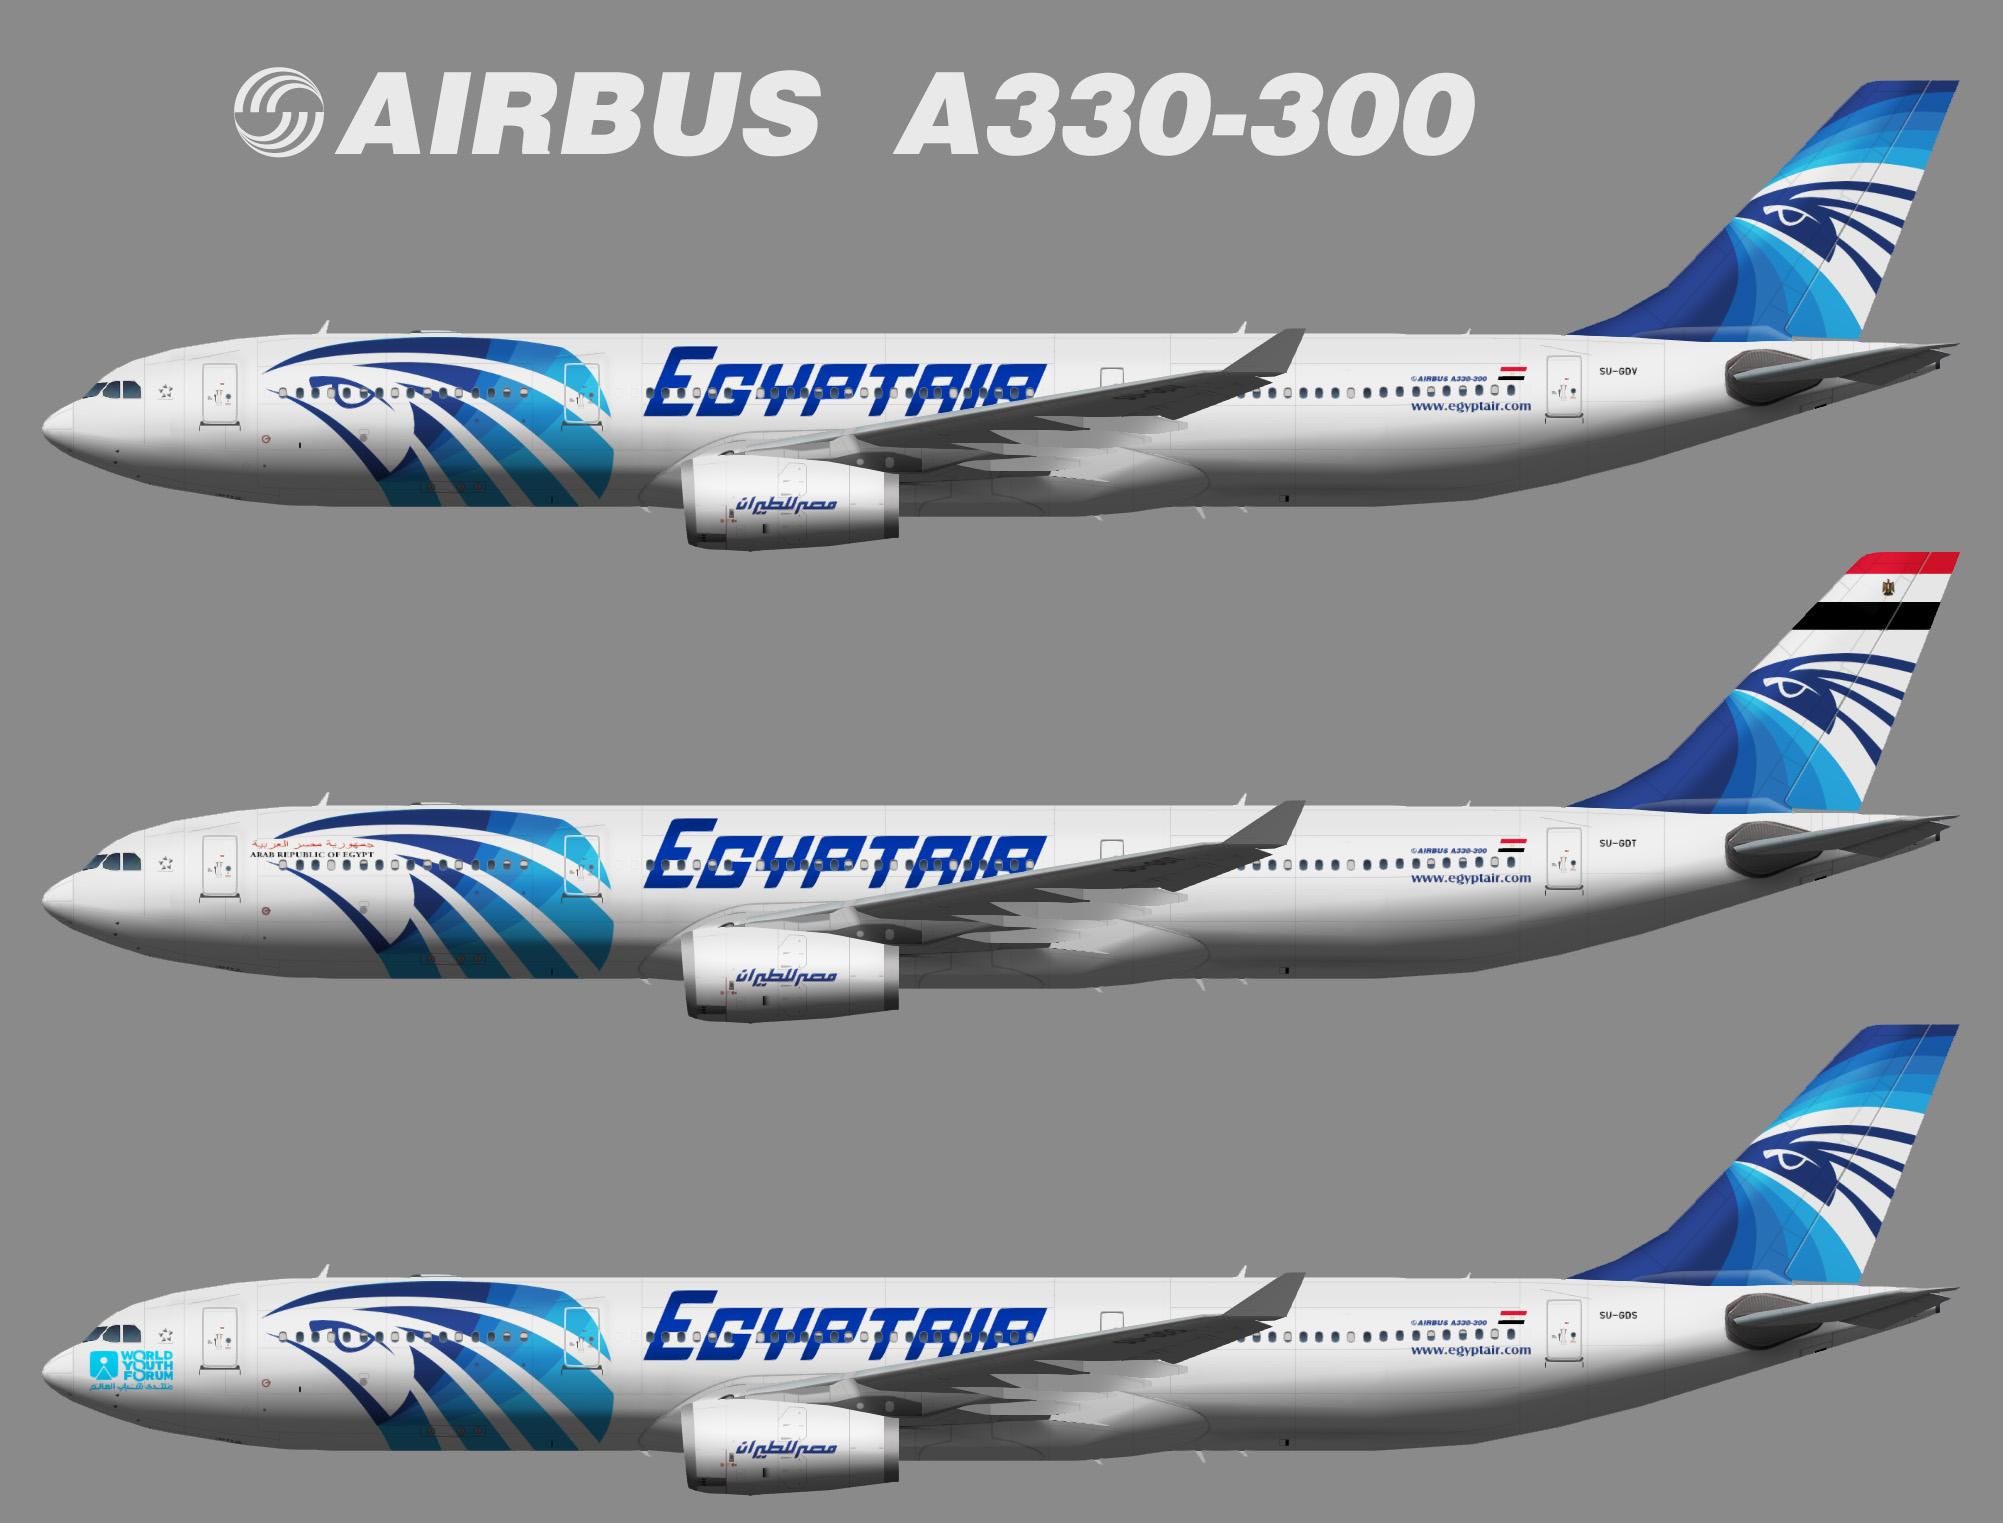 Egyptair Airbus A330-300